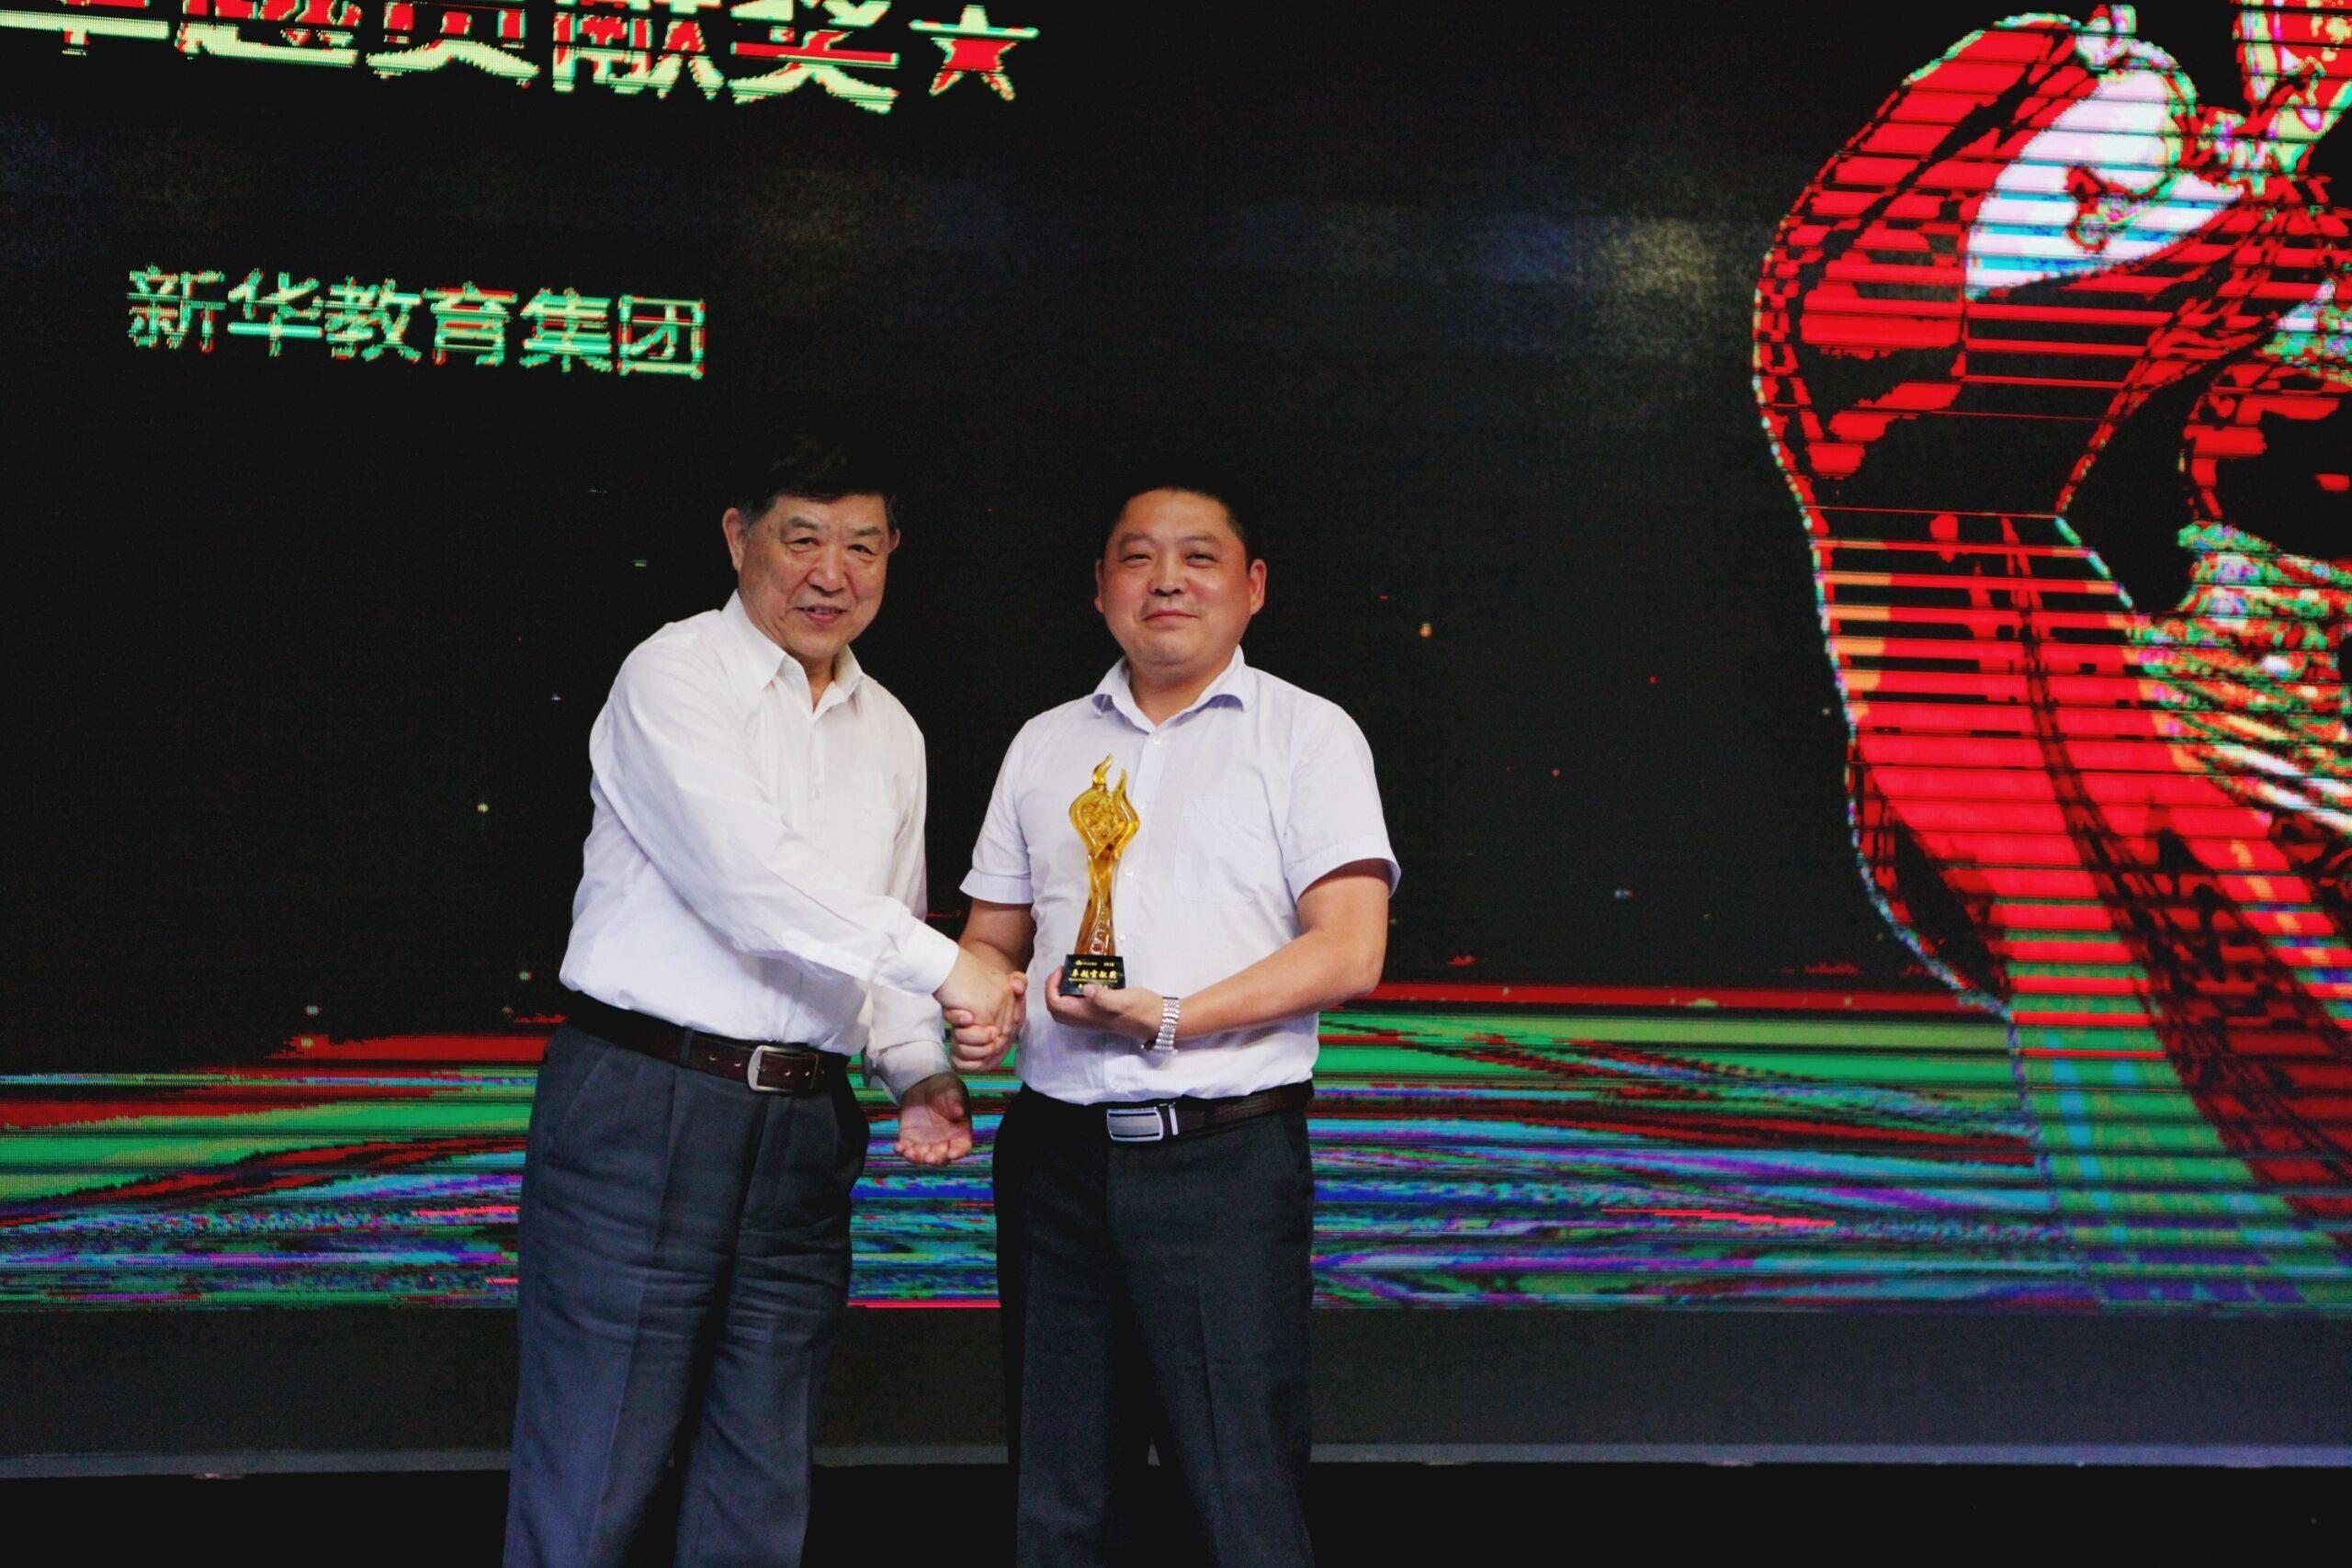 ACAA2019中国教育峰会 我校荣获精诚合作奖